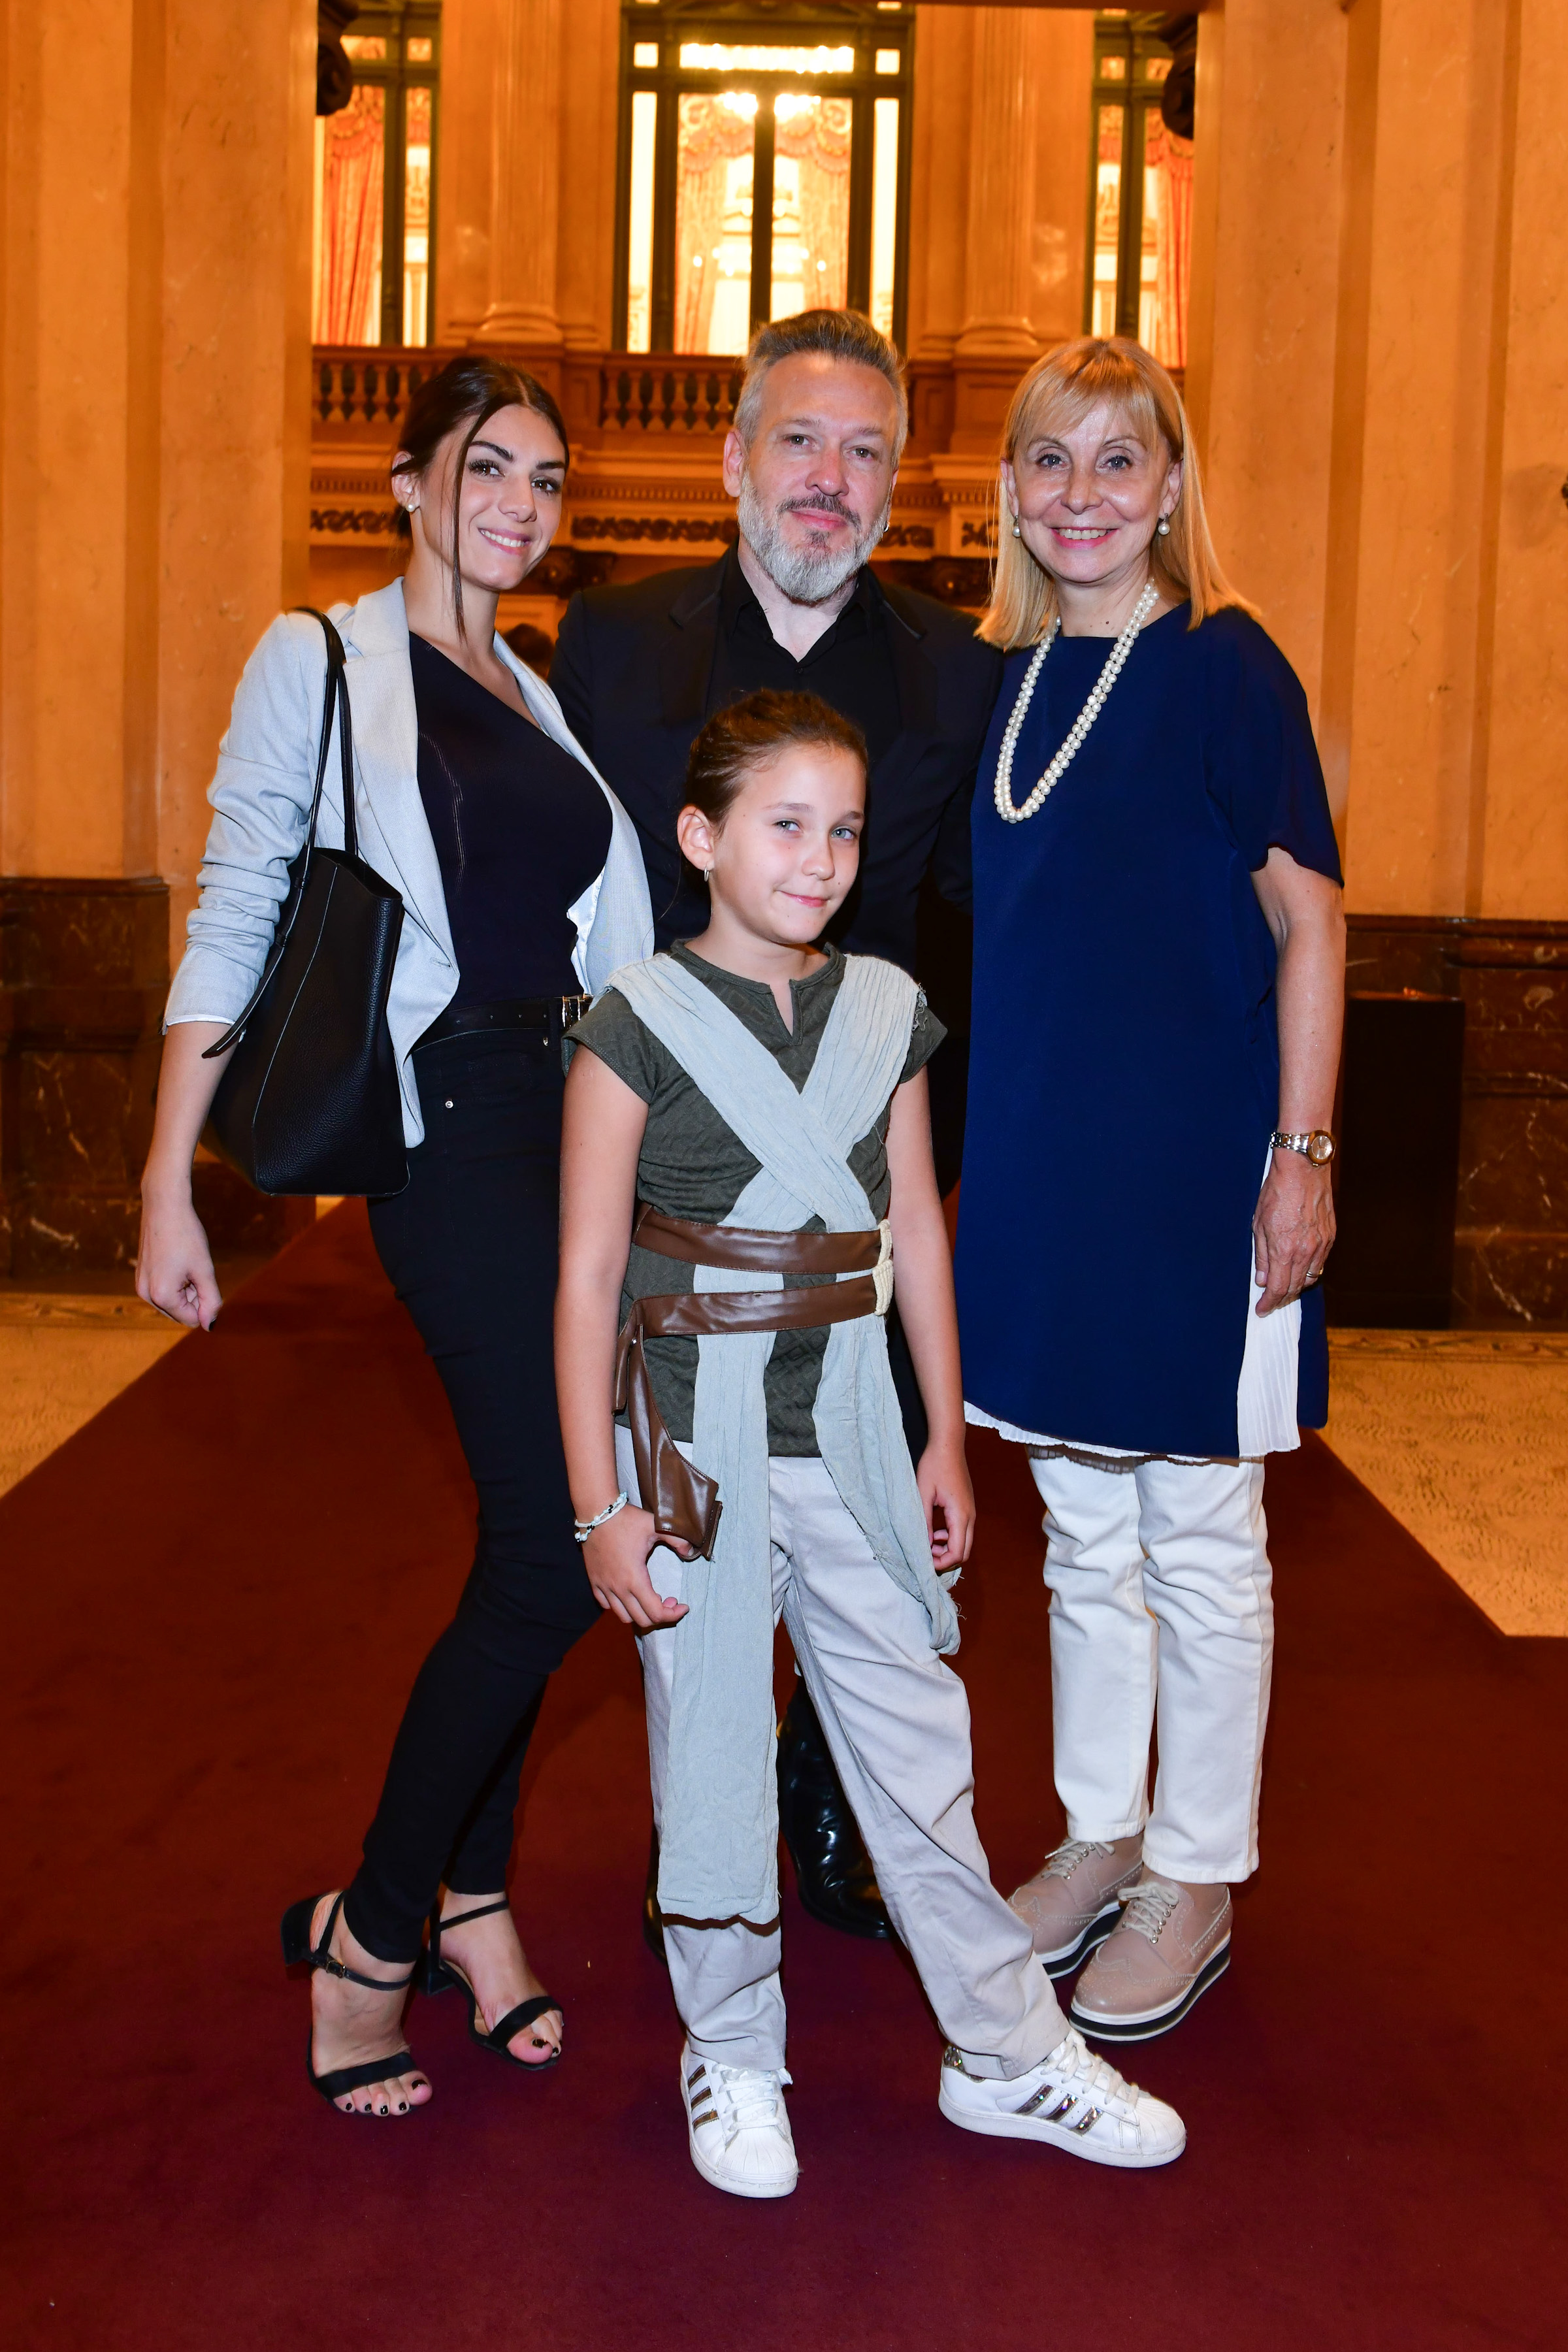 Diego Kolankowsky en familia junto a María Victoria Alcaraz